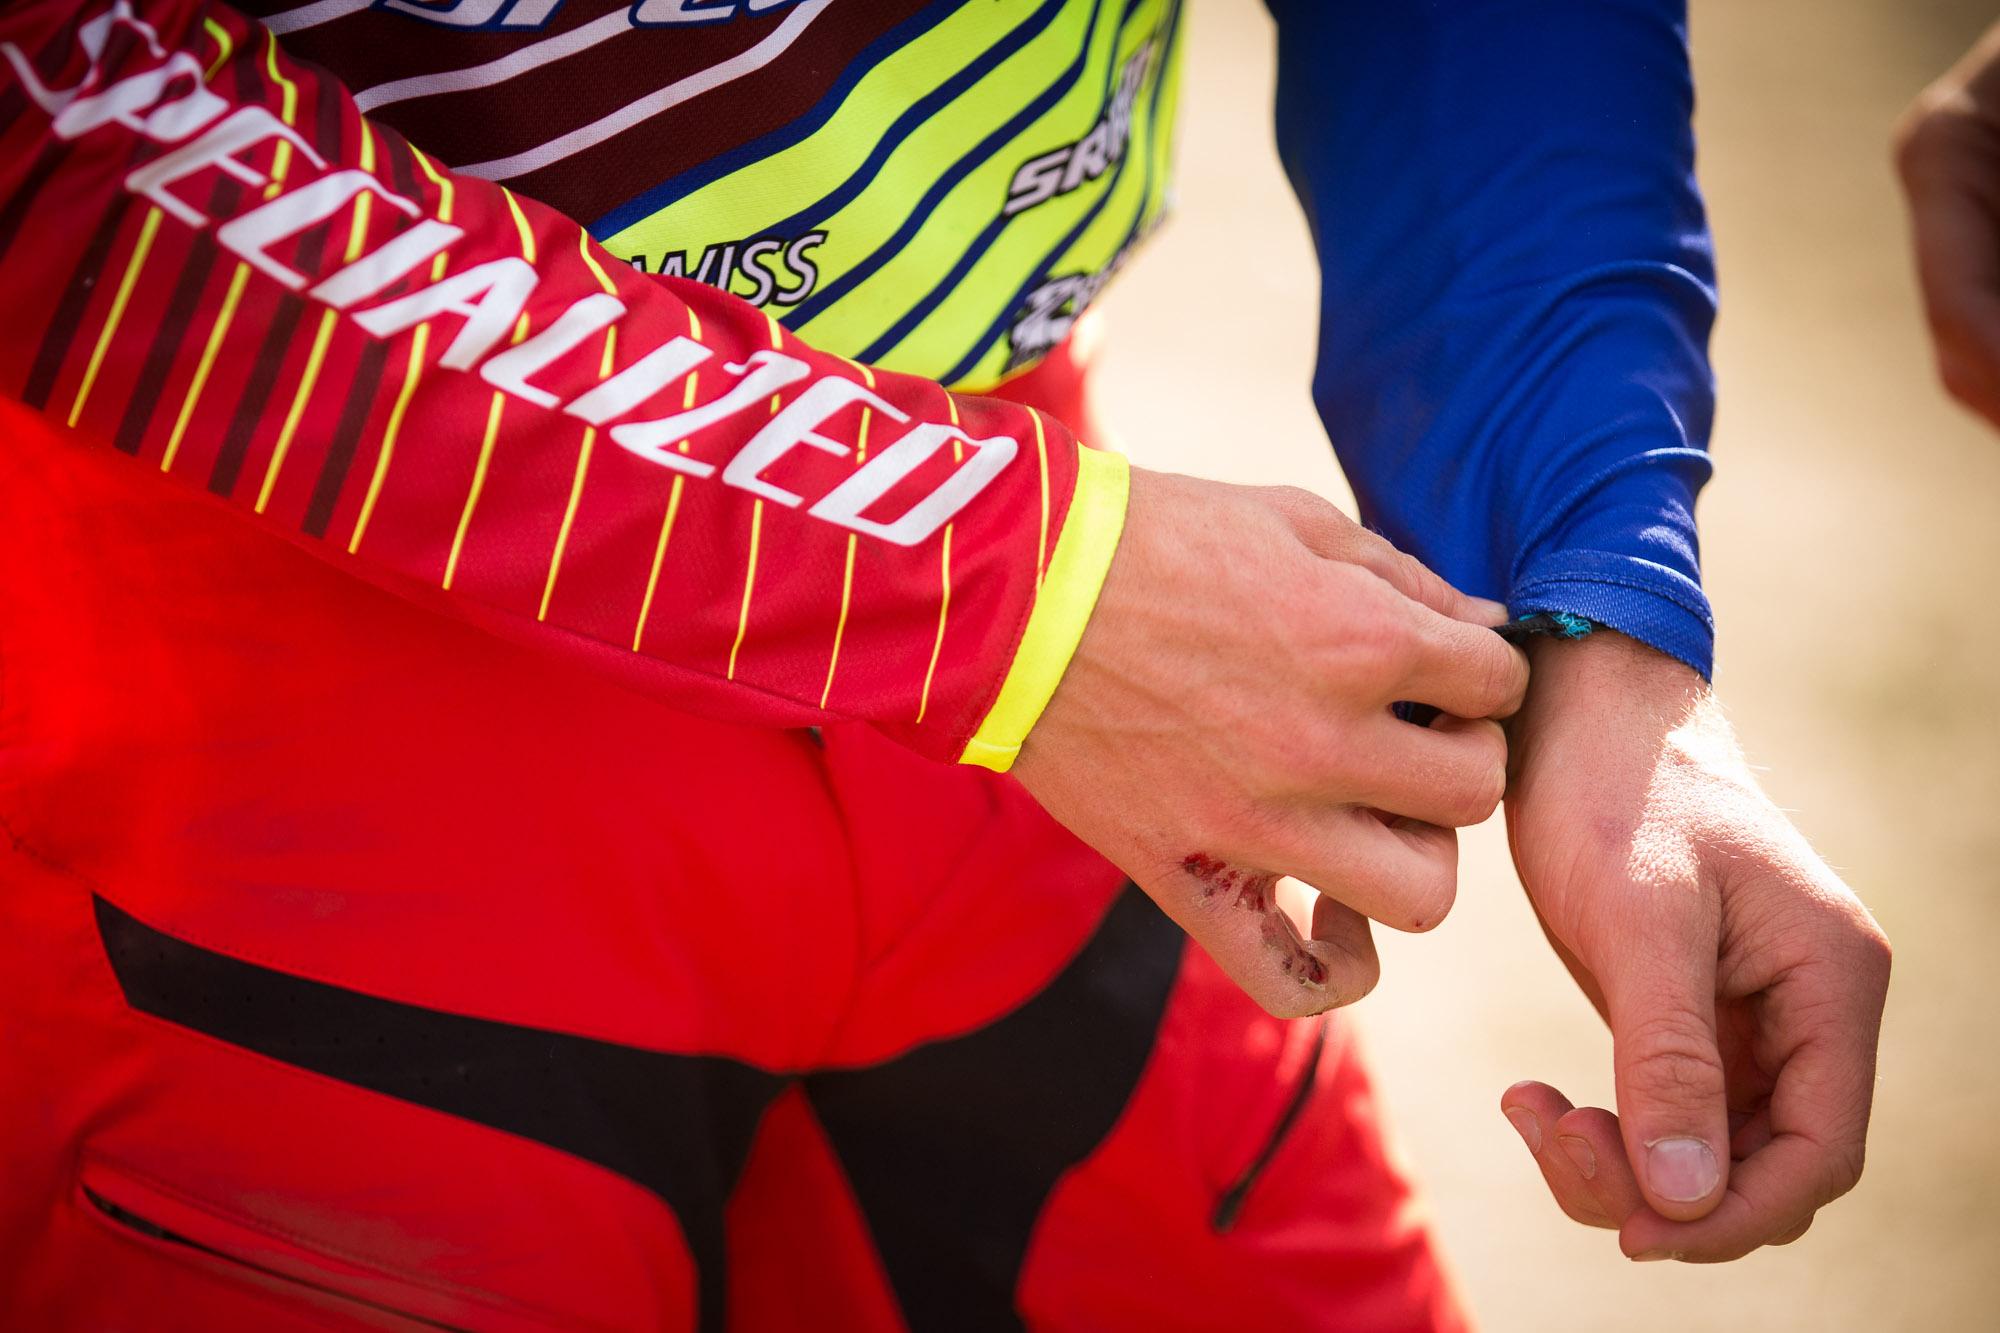 Troy Brosnans lädierte Hand. Wenn man mit solch einer Verletzung immer noch 1.8 sec langsamer als Gwin ins Ziel kommt, zeugt das von absoluter Willensstärke und Selbstbewusstsein!  Foto: Seb Schieck